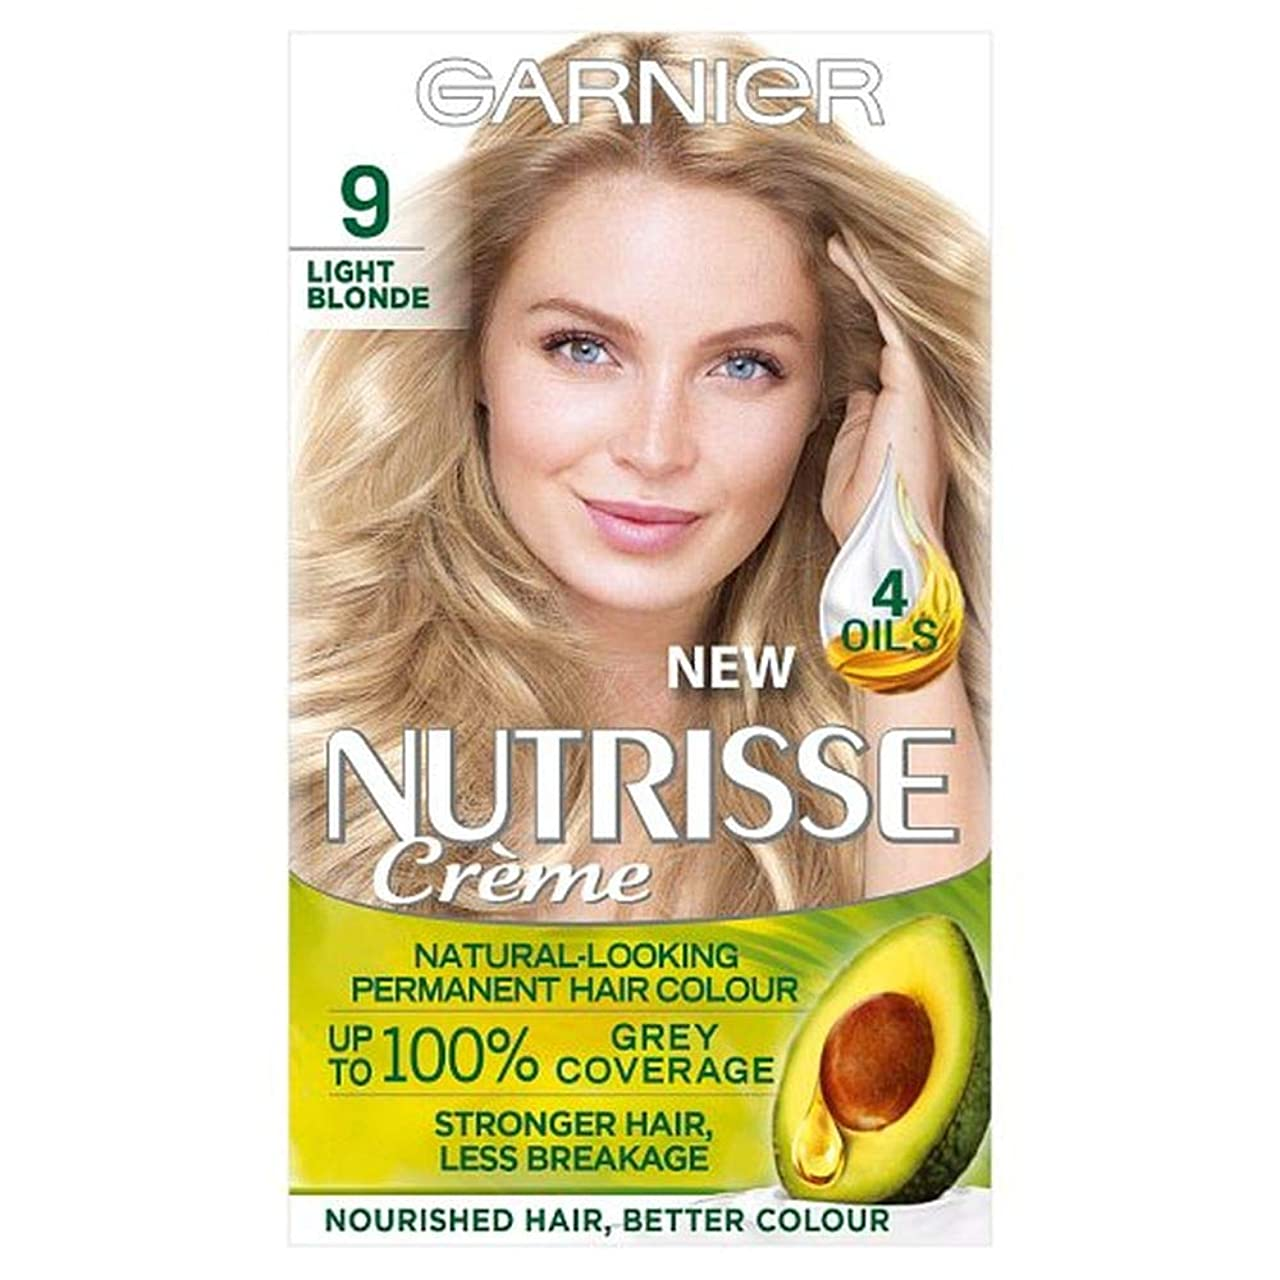 スパイ属するスポット[Nutrisse] ガルニエNutrisse 9ライトブロンドパーマネントヘアダイ - Garnier Nutrisse 9 Light Blonde Permanent Hair Dye [並行輸入品]